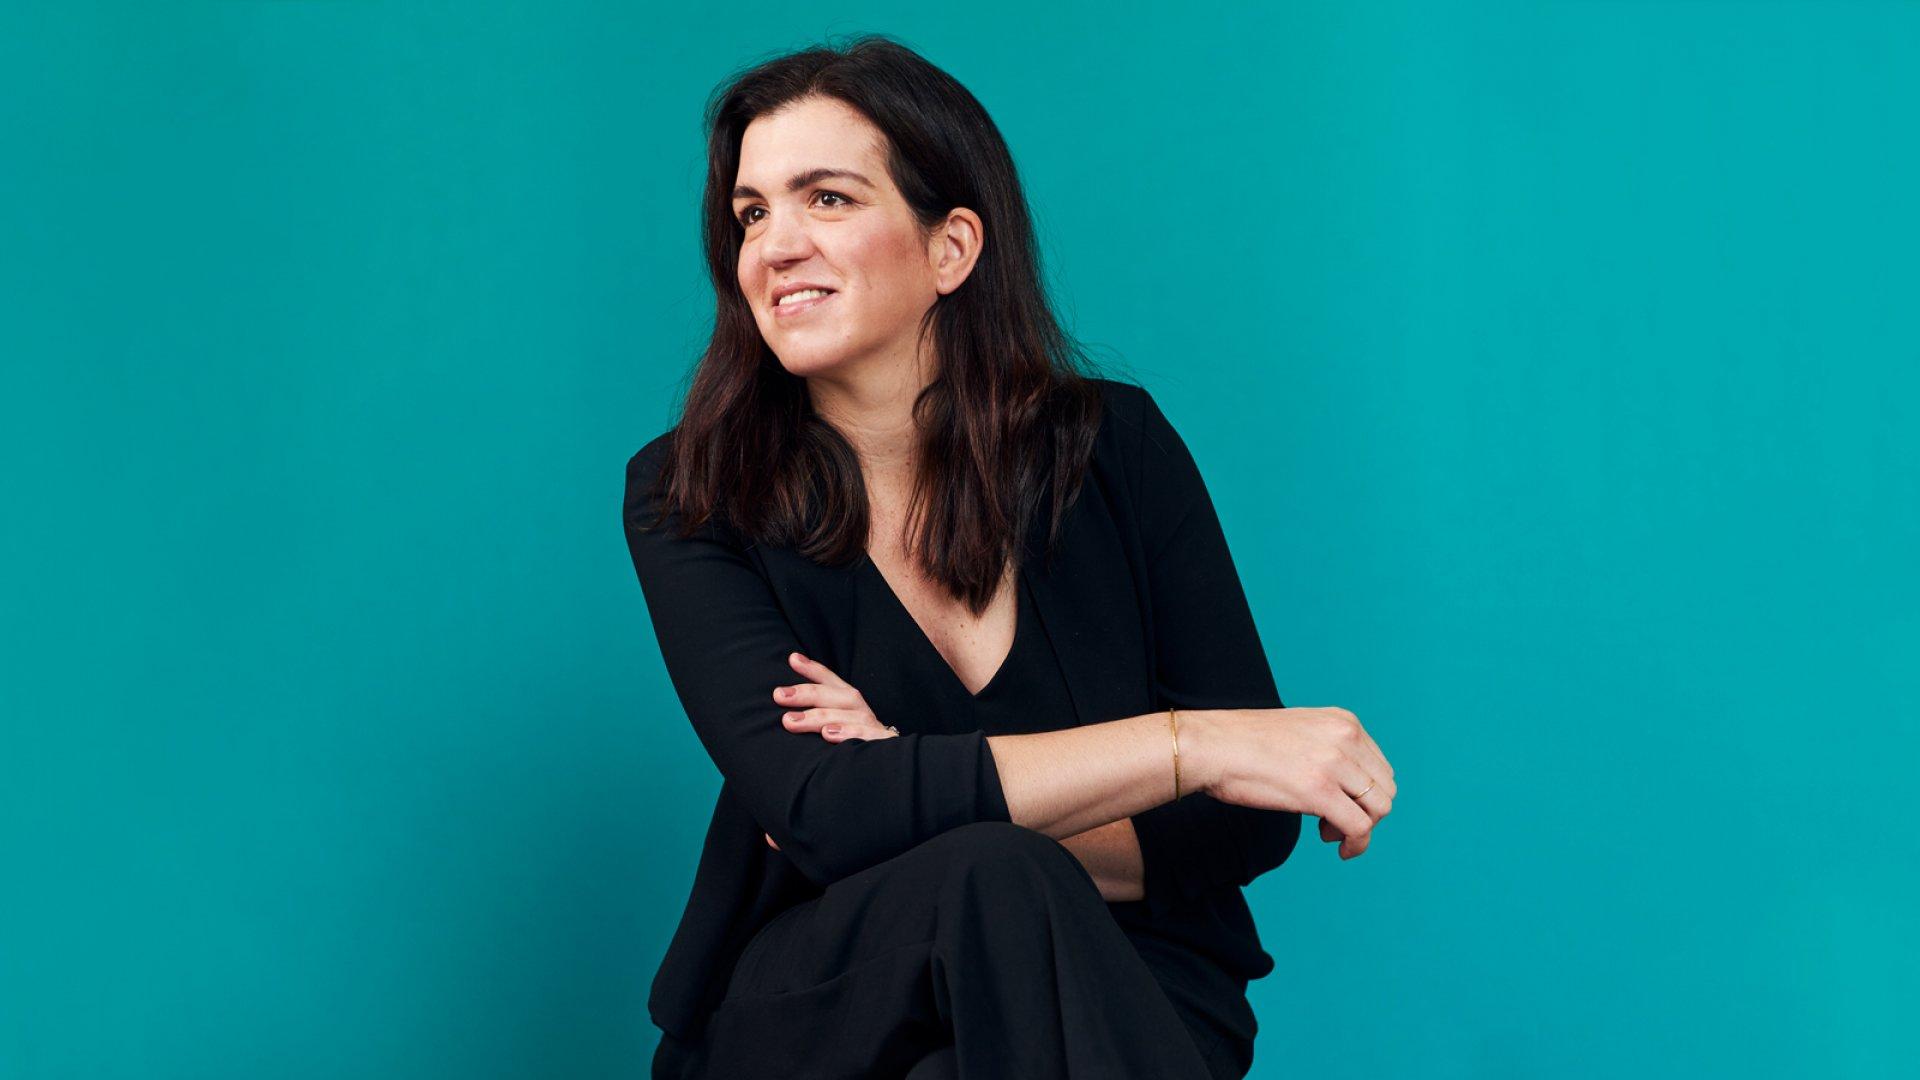 Lauren Gropper, CEO of Repurpose.